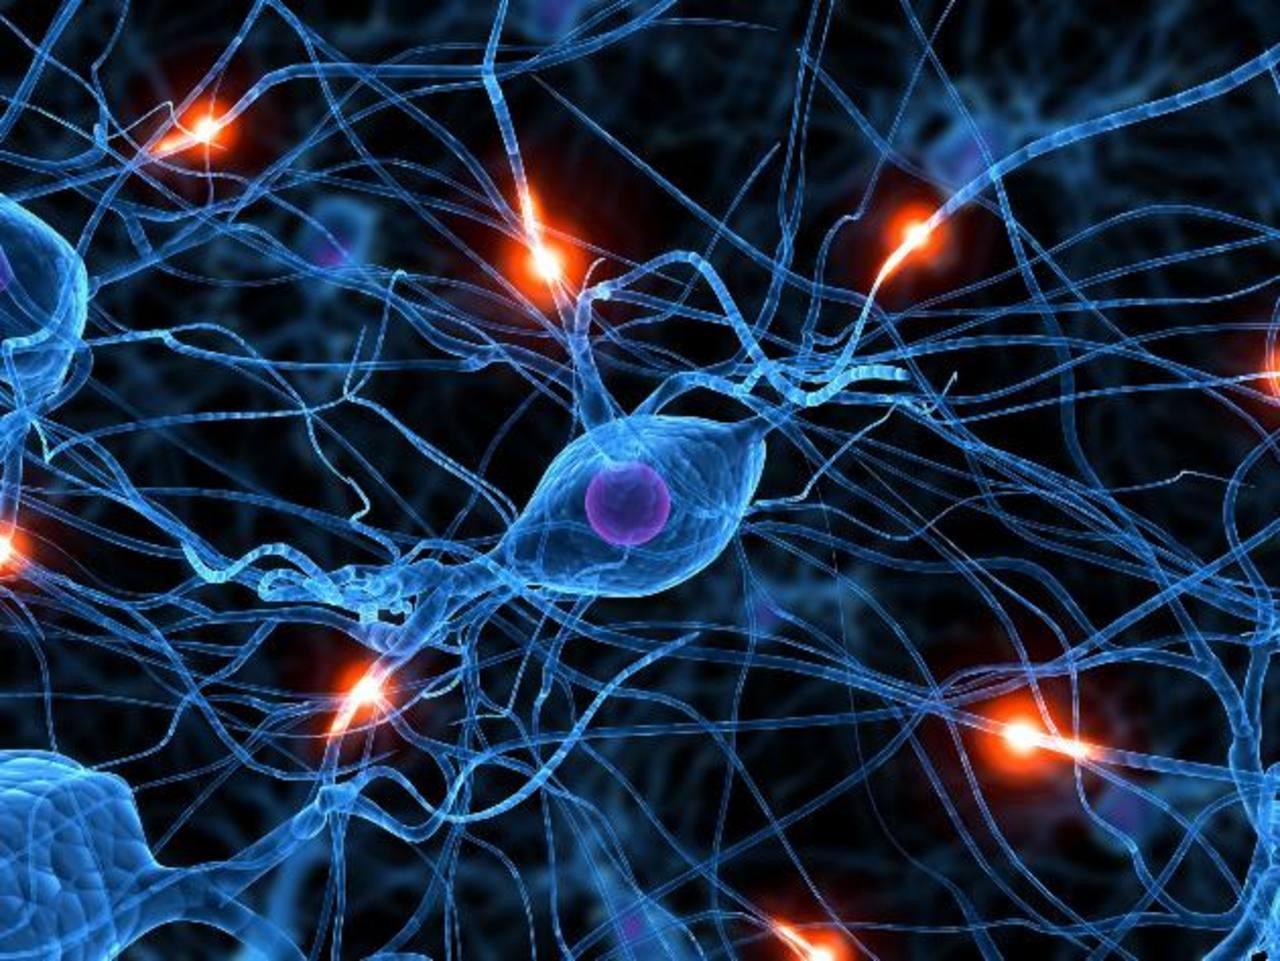 La reducción de la corteza cerebral se relaciona con una disminución significativa del coeficiente de inteligencia. foto edh